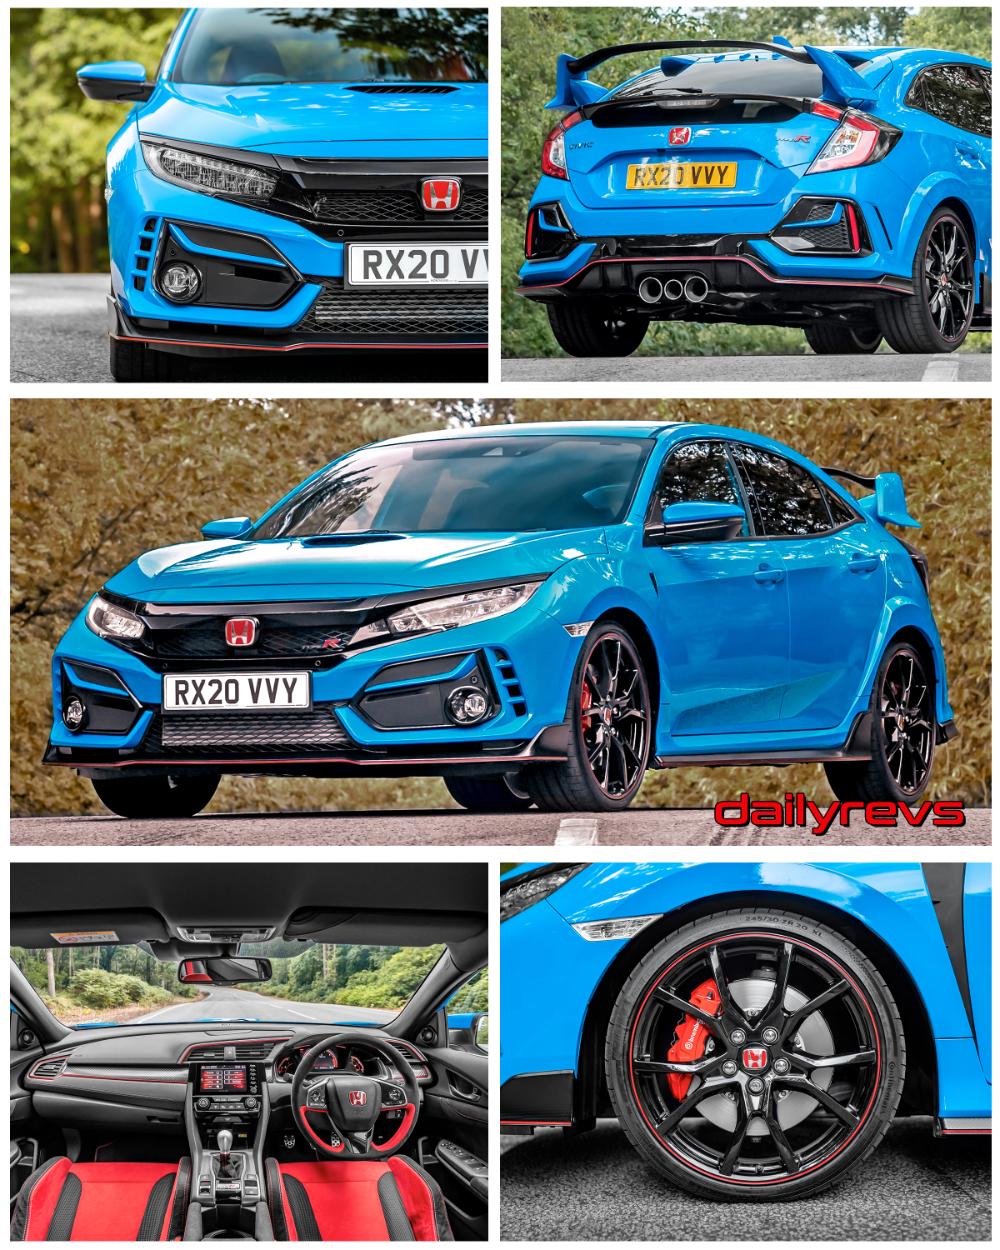 2020 Honda Civic Type R UK Version Dailyrevs in 2020